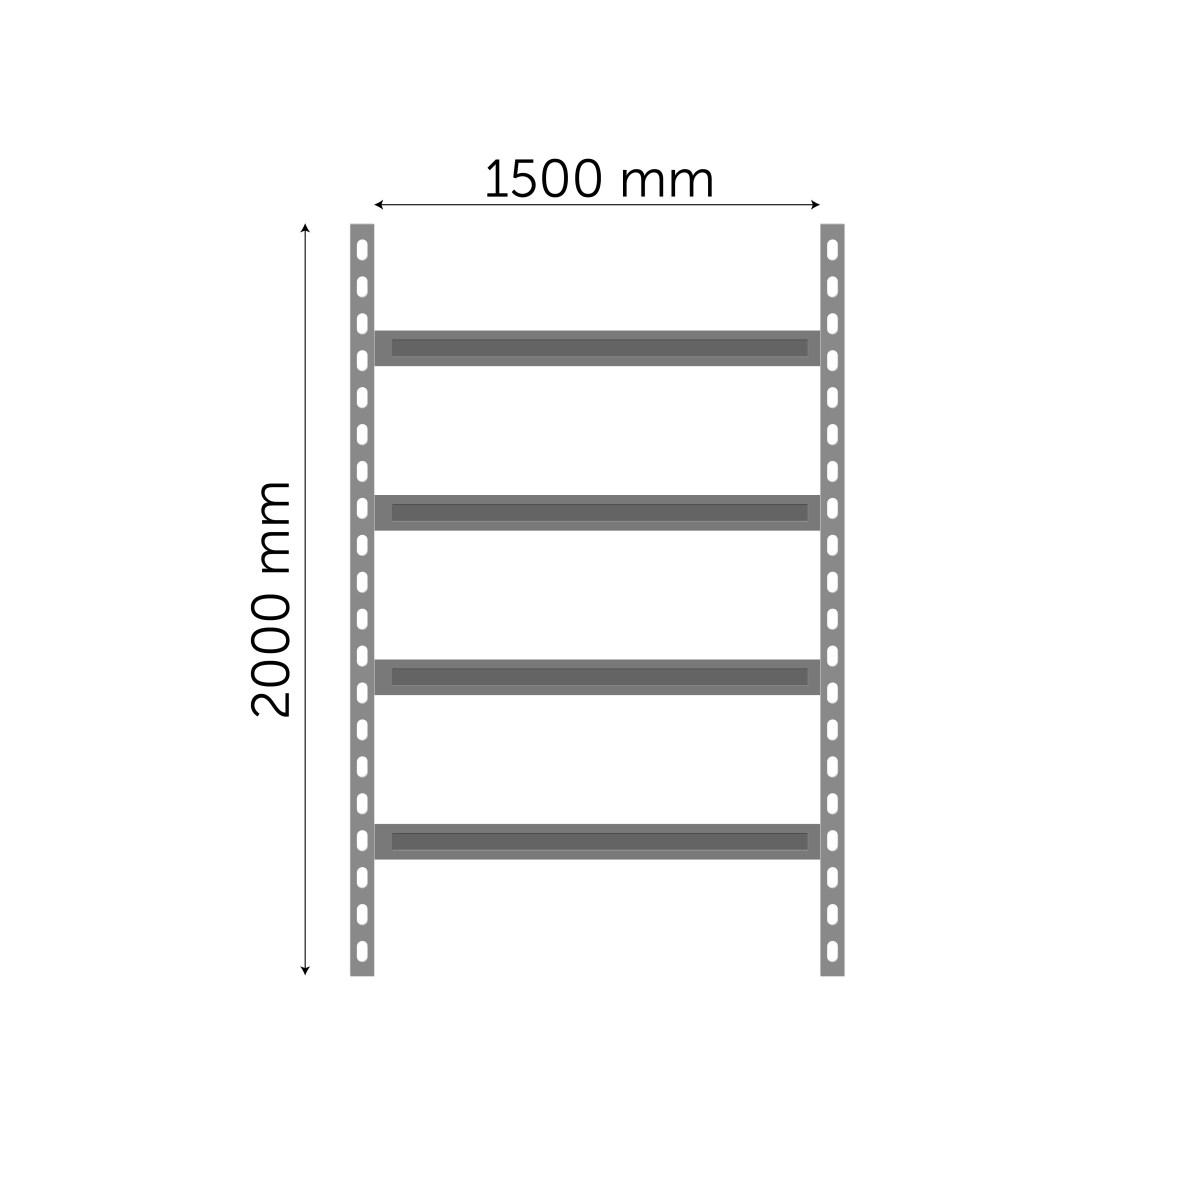 Meediumriiuli põhiosa niiskuskindel vineerplaat 2000x1500mm